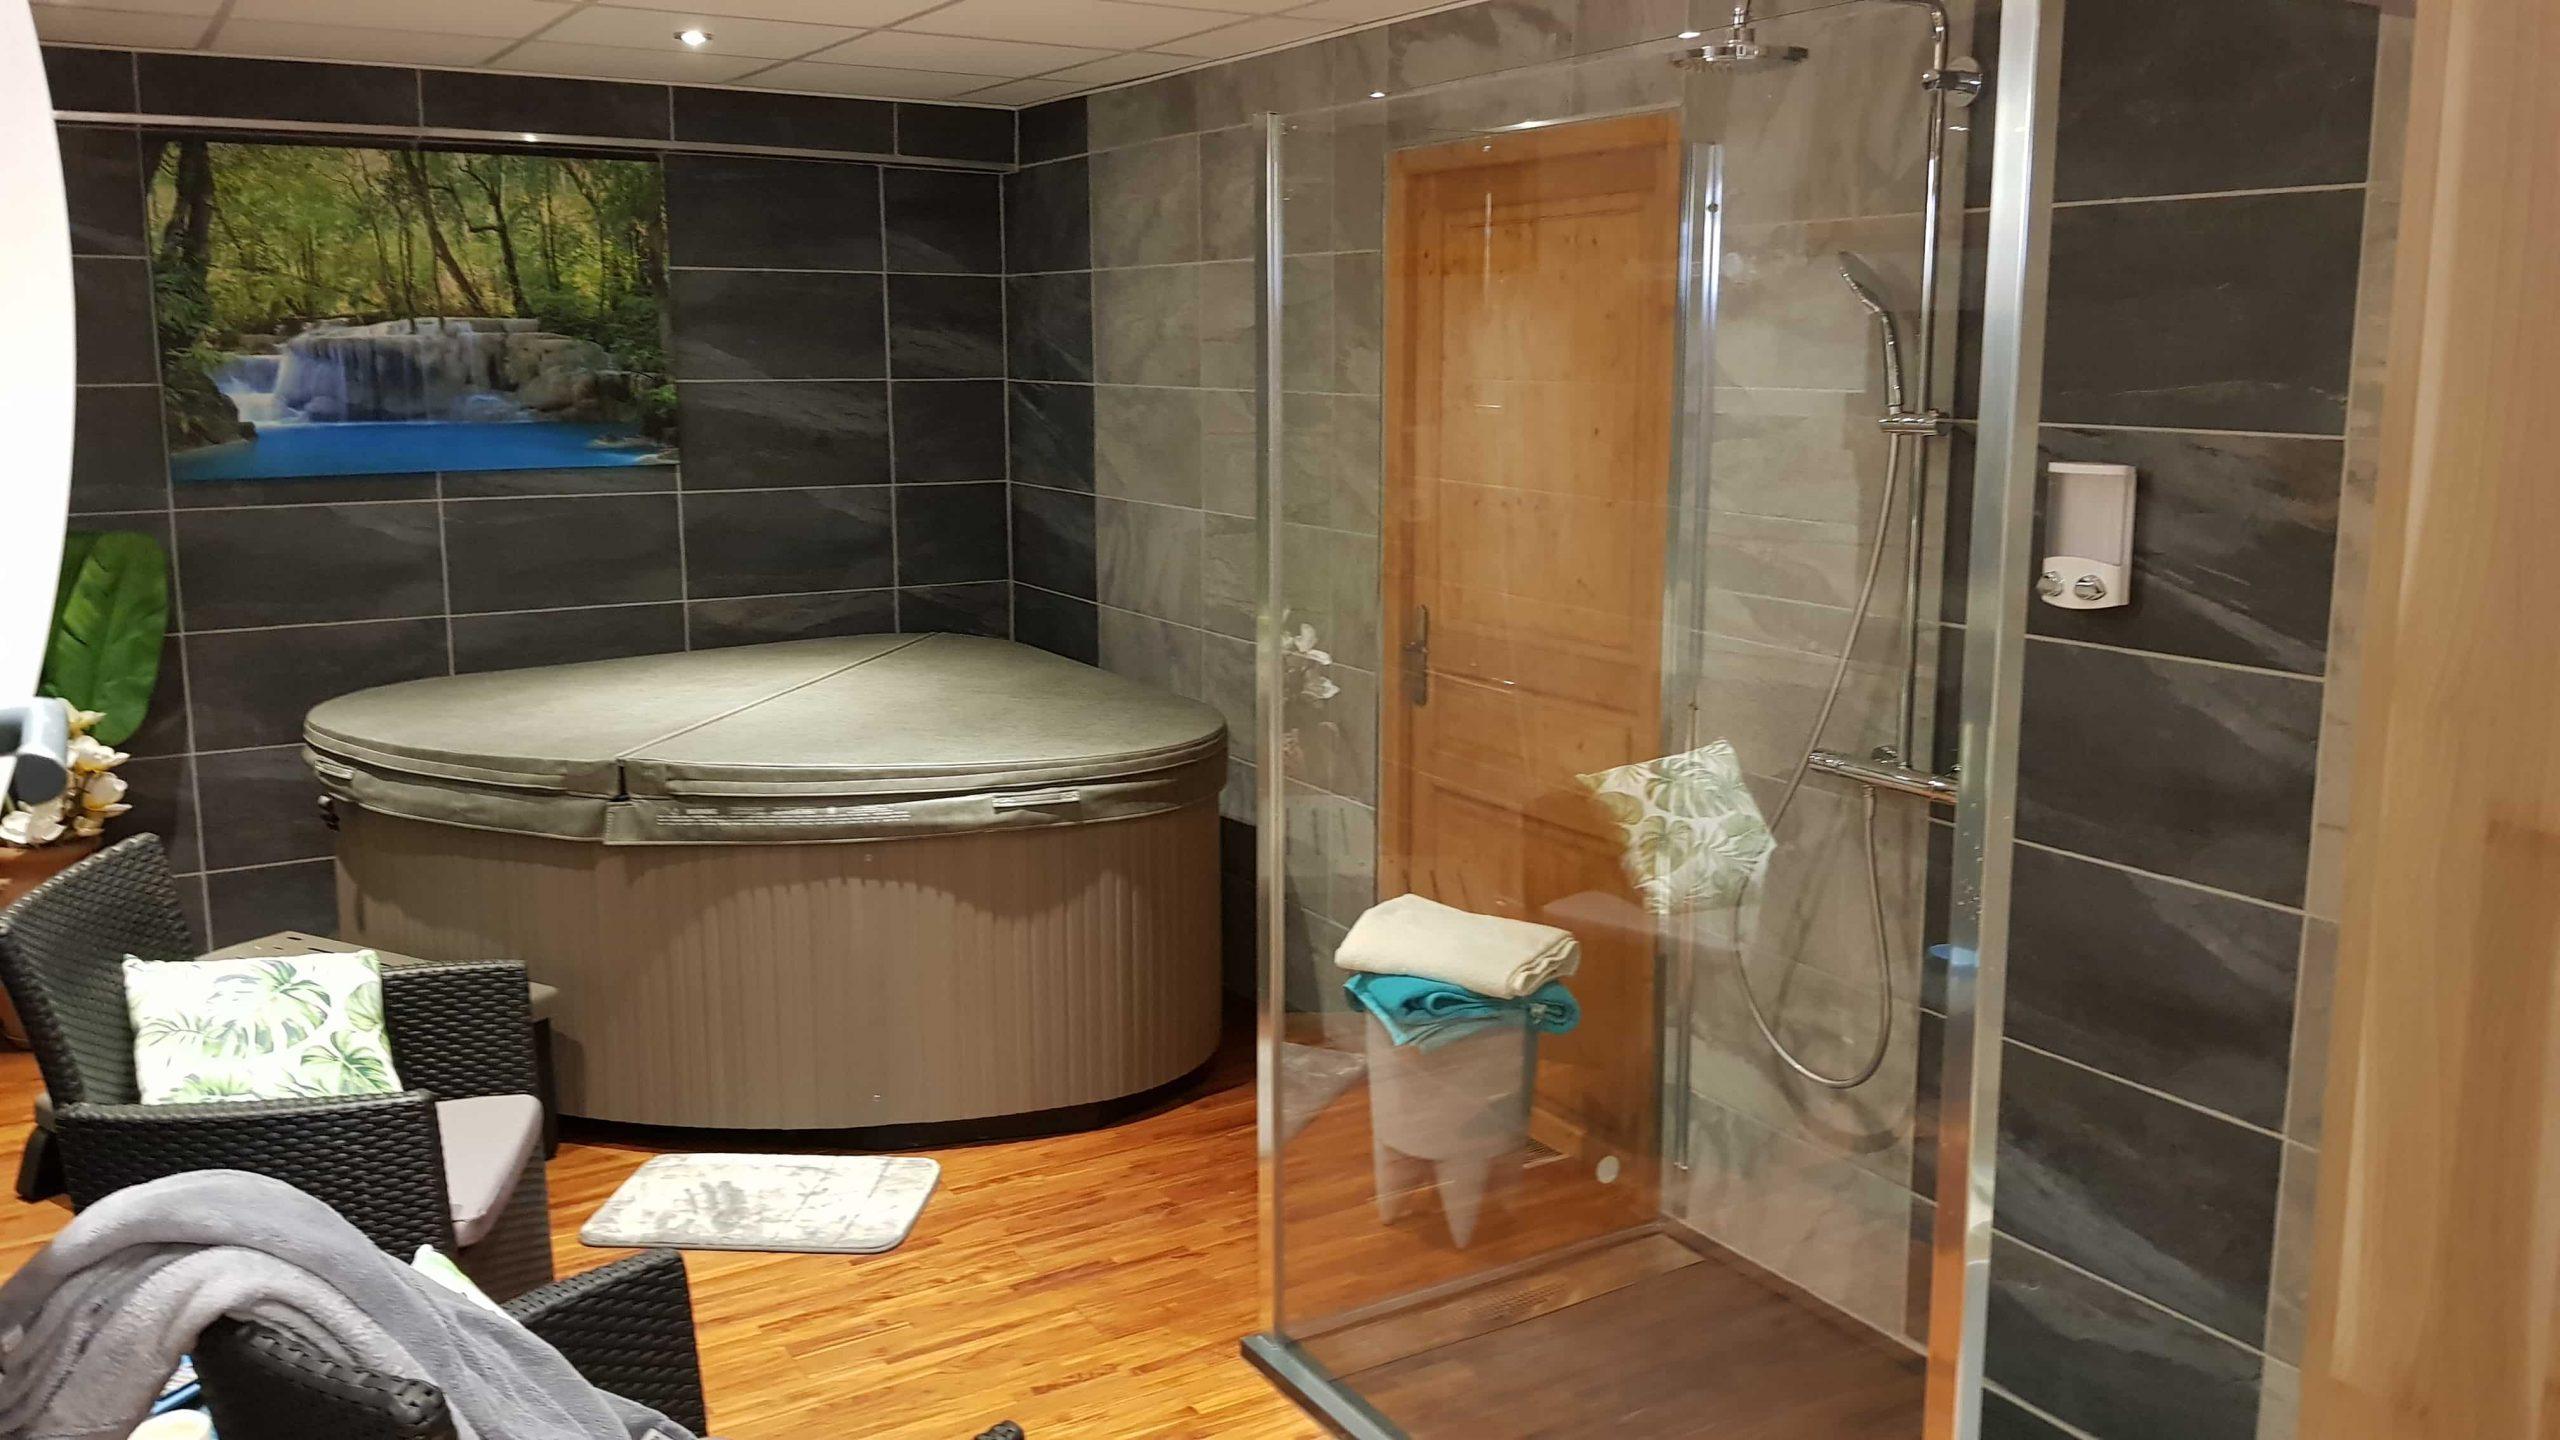 Entretien et derniers préparatifs pour recevoir nos clients dans un confort optimal et en toute sécurité dans notre gite vacances à 68 Roufach et appartement vacances à 68 Colmar (Alsace)